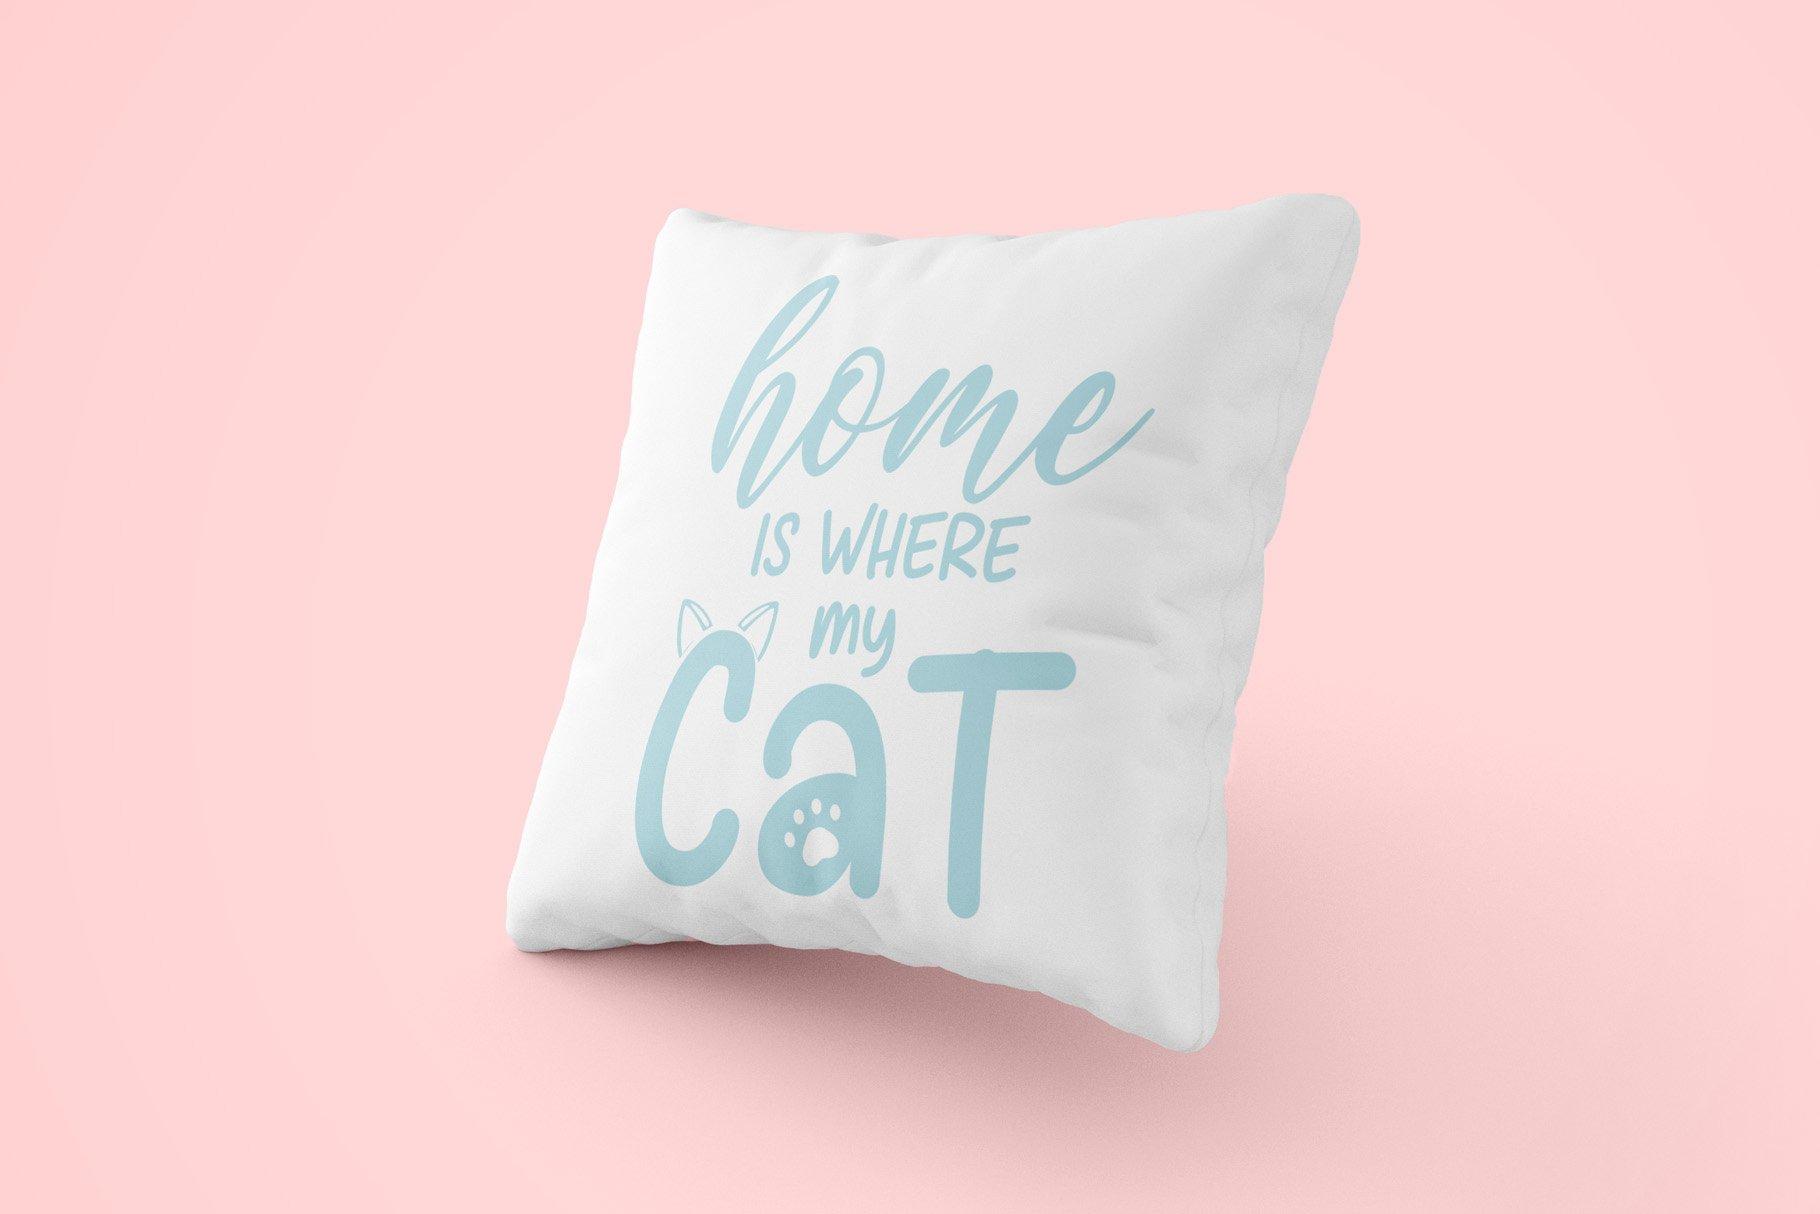 Cat Meow - 3 Font Plus Bonus Clip Arts example image 3